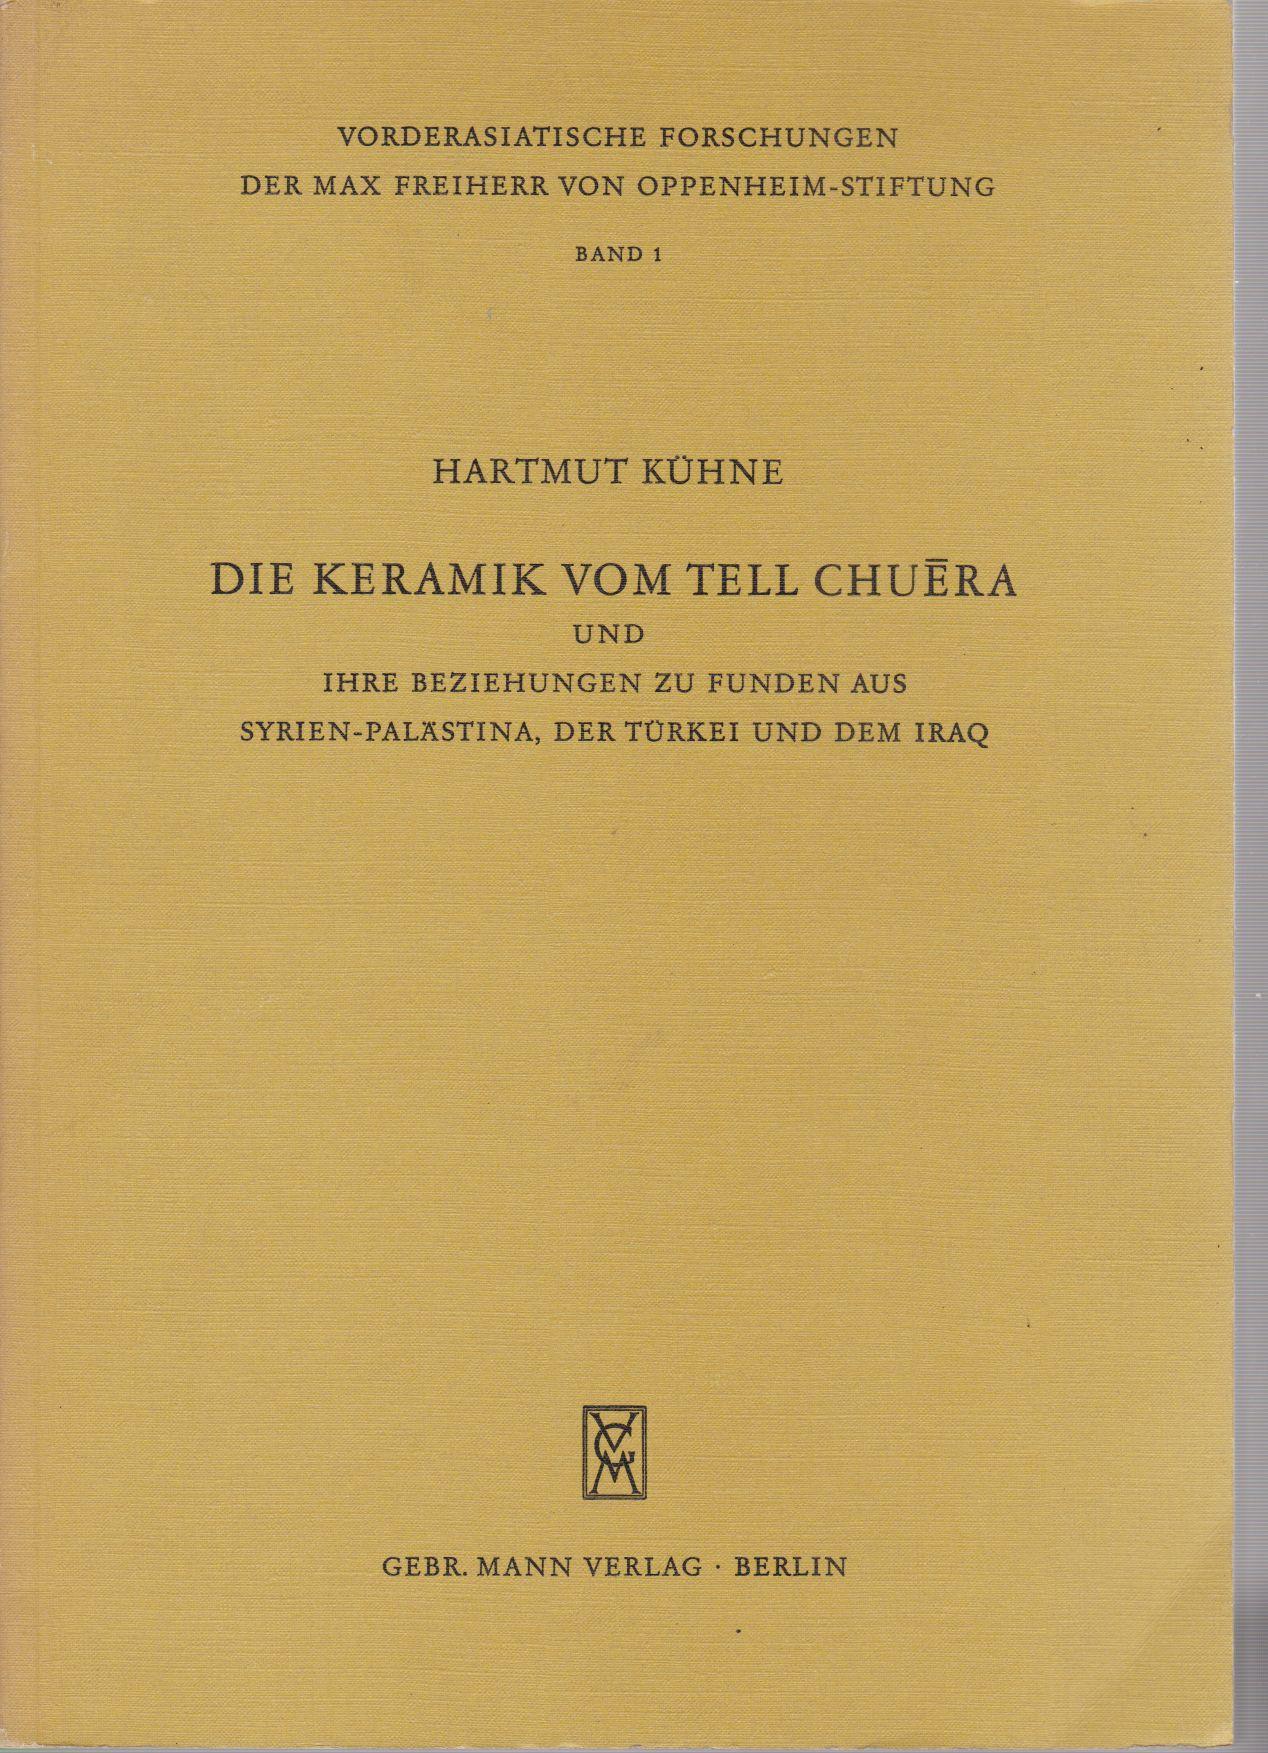 Die Keramik vom Tell Chuera und ihre: Kühne, Hartmut: